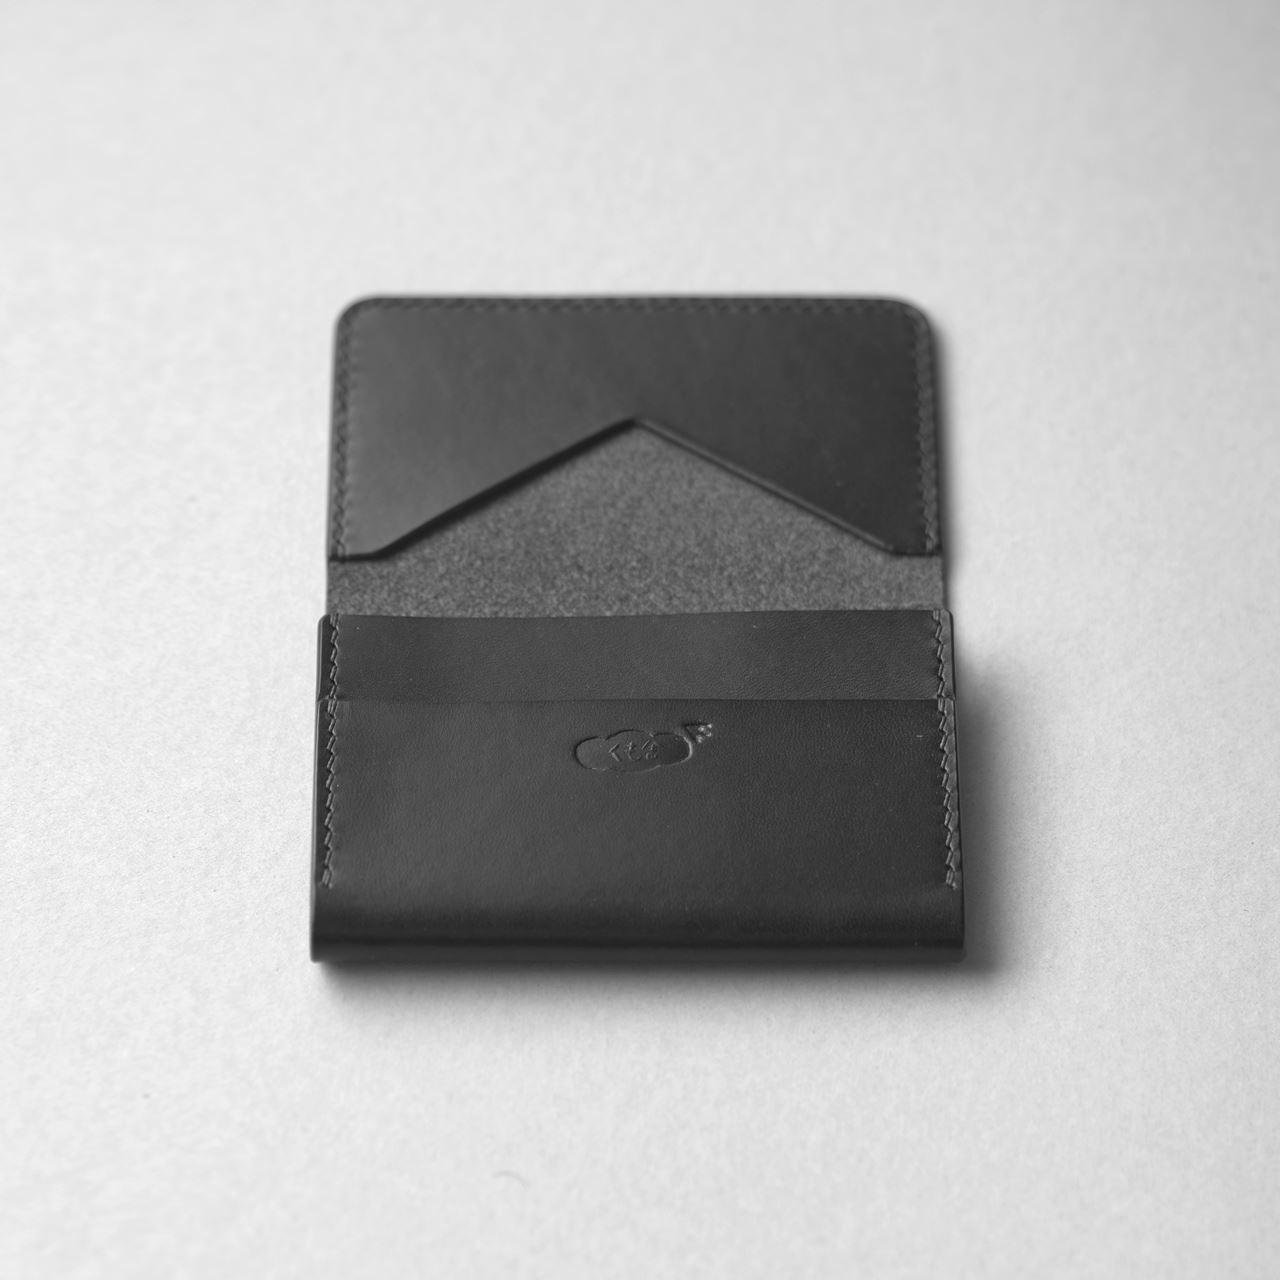 黒いカードケース3型をつくる